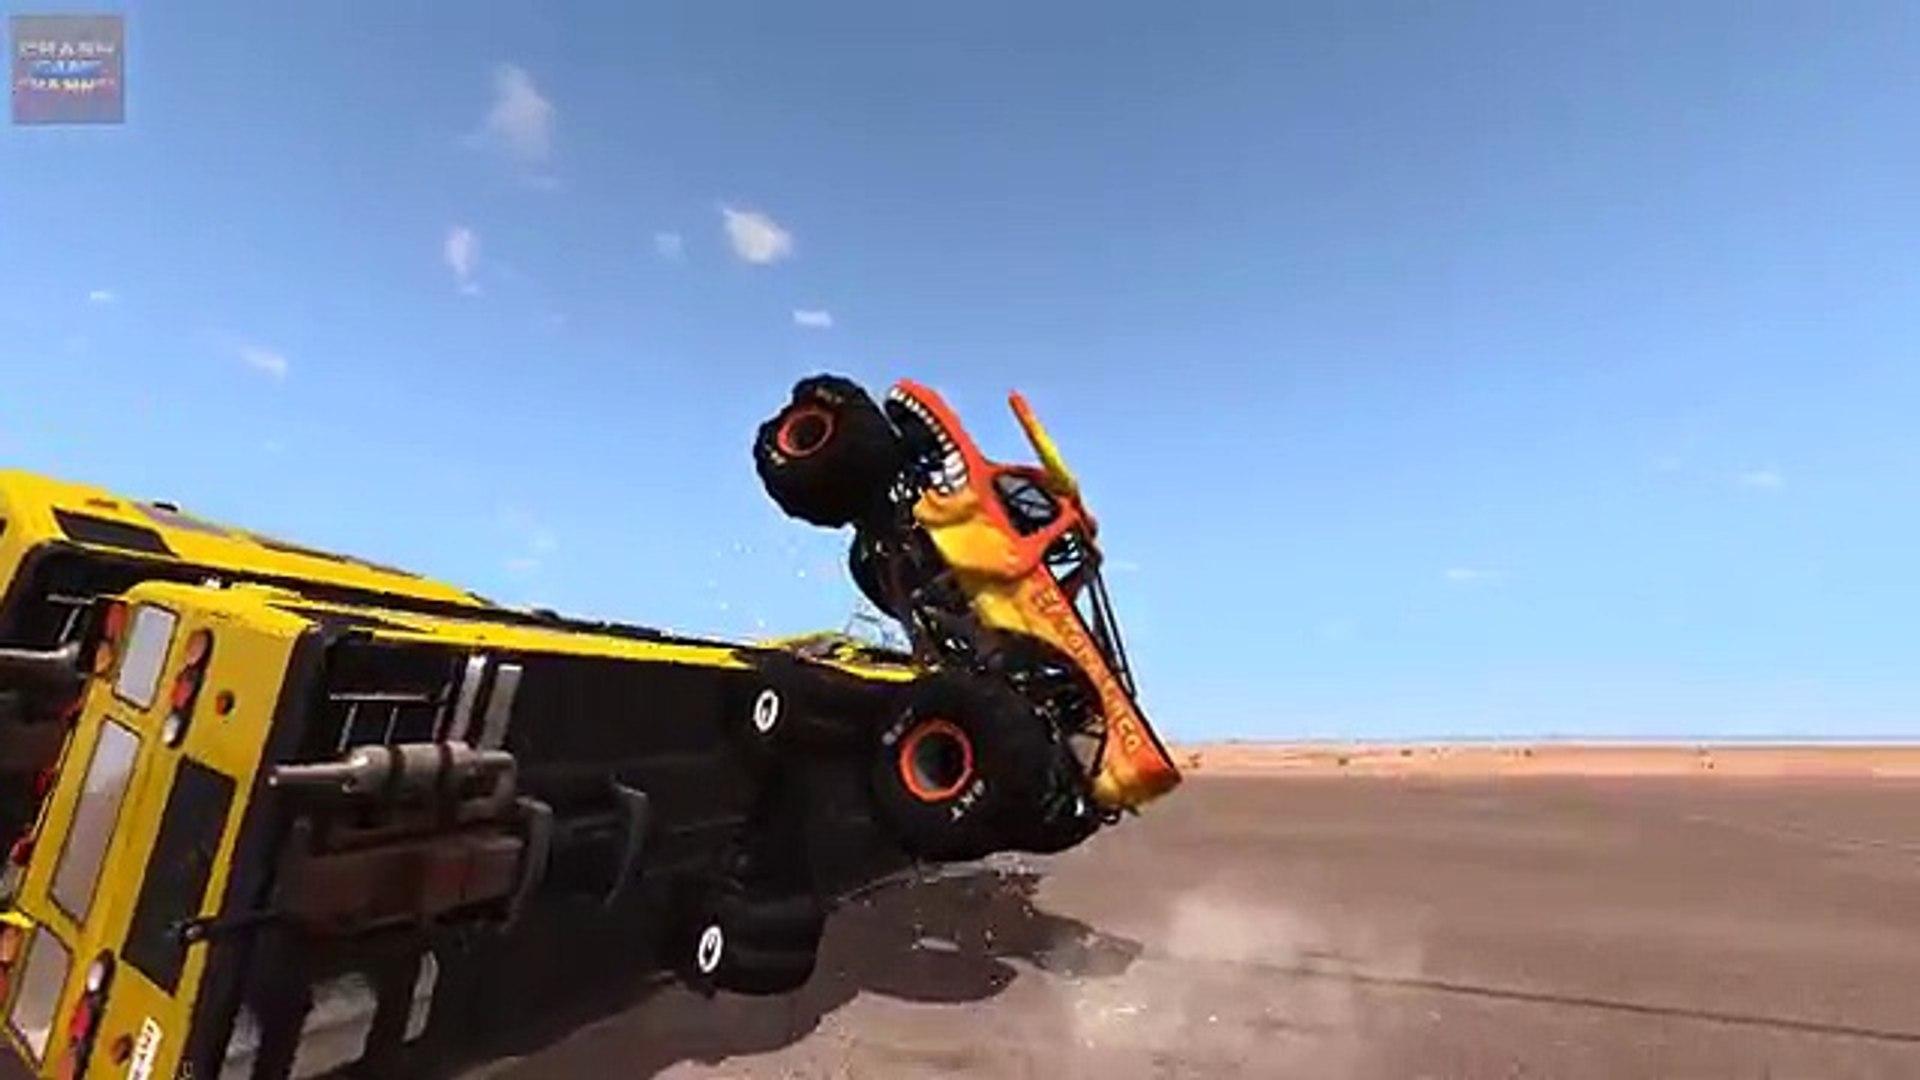 Аварий водить машину высокая трамплины монстр скорость грузовая машина beamng 1